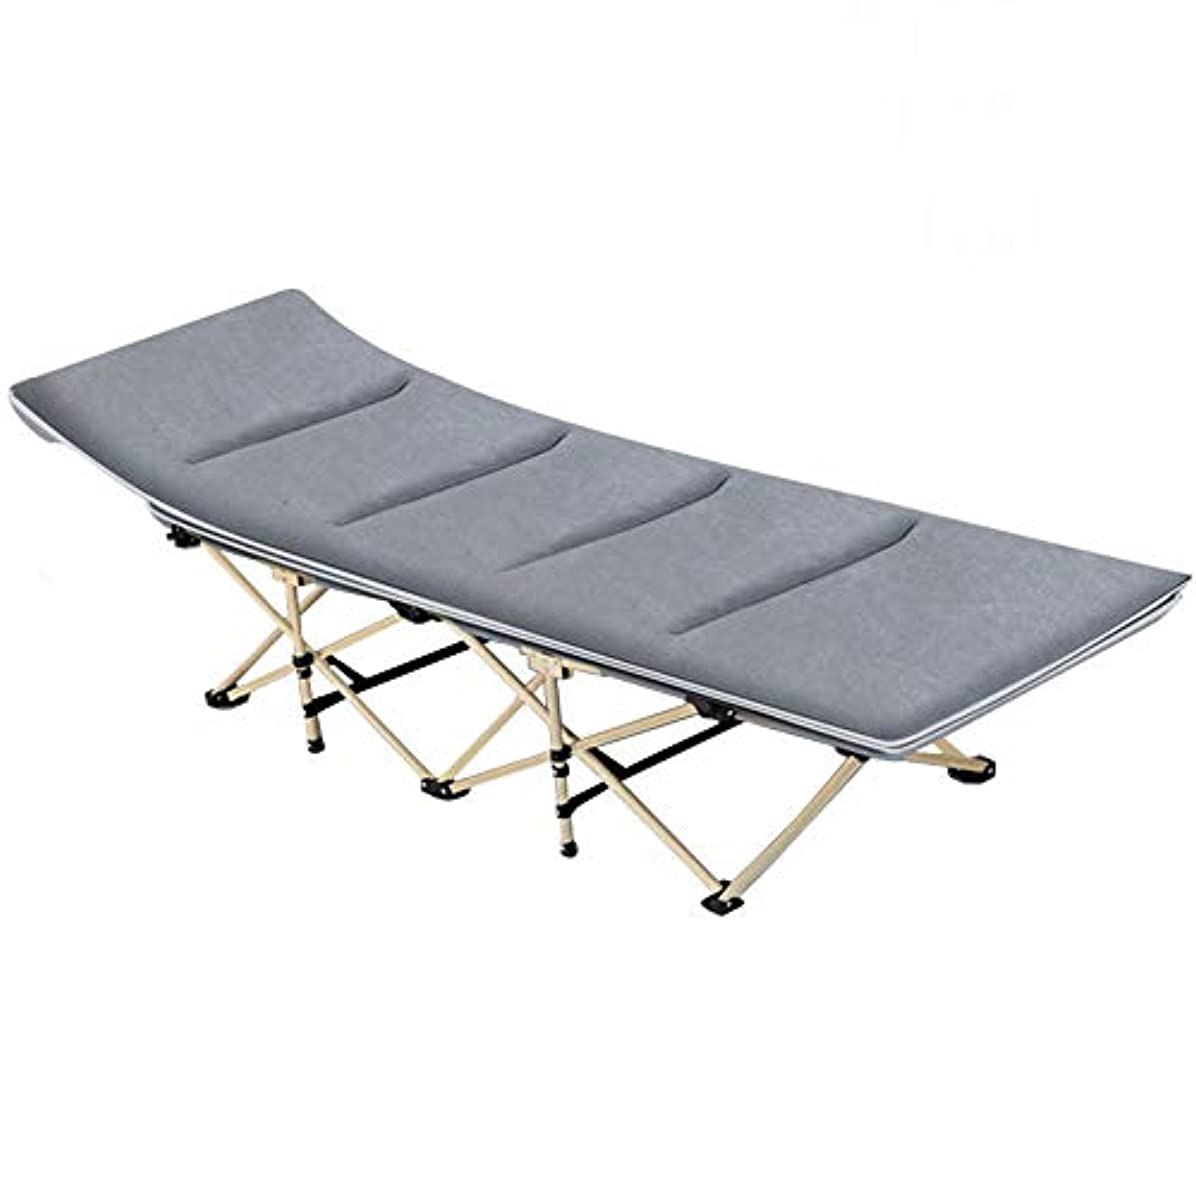 干渉アルコーブ変なポータブル折り畳み式ベッド(マットレス付き)3Dピローマルチファンクションオフィスナップシングルベッド病院無料ランチブレイク